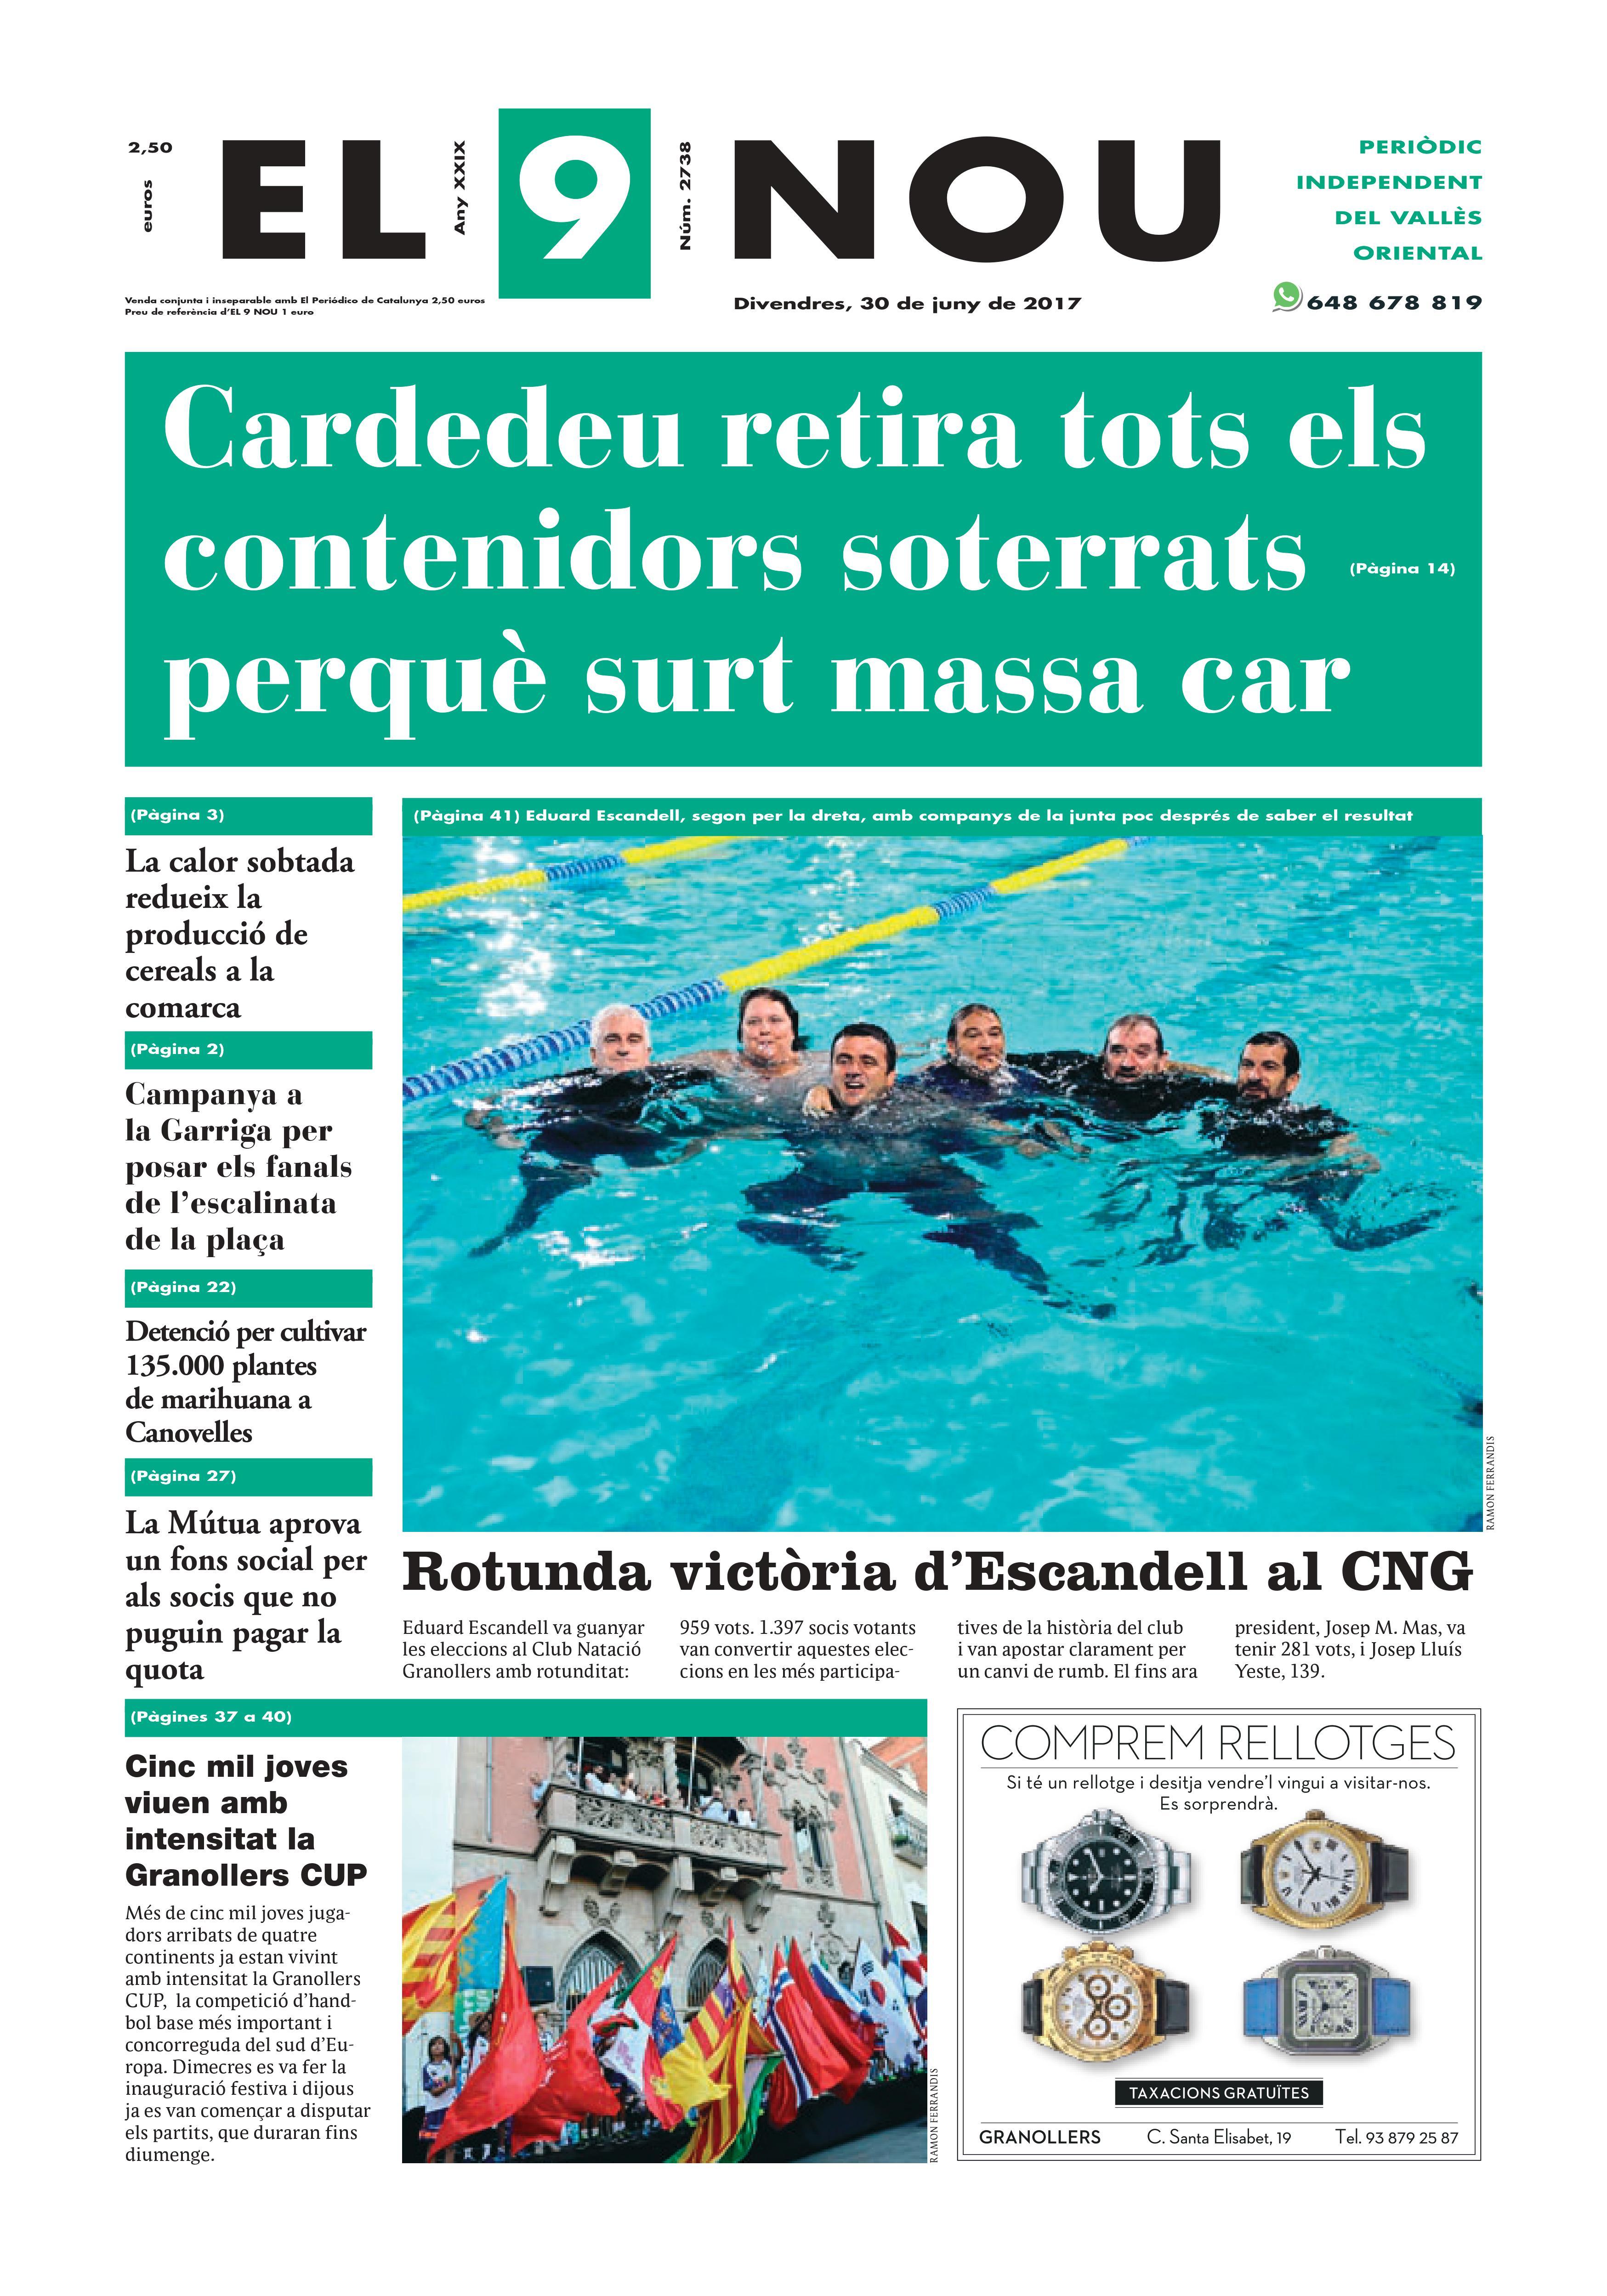 La portada del divendres 30 de juny de 2017